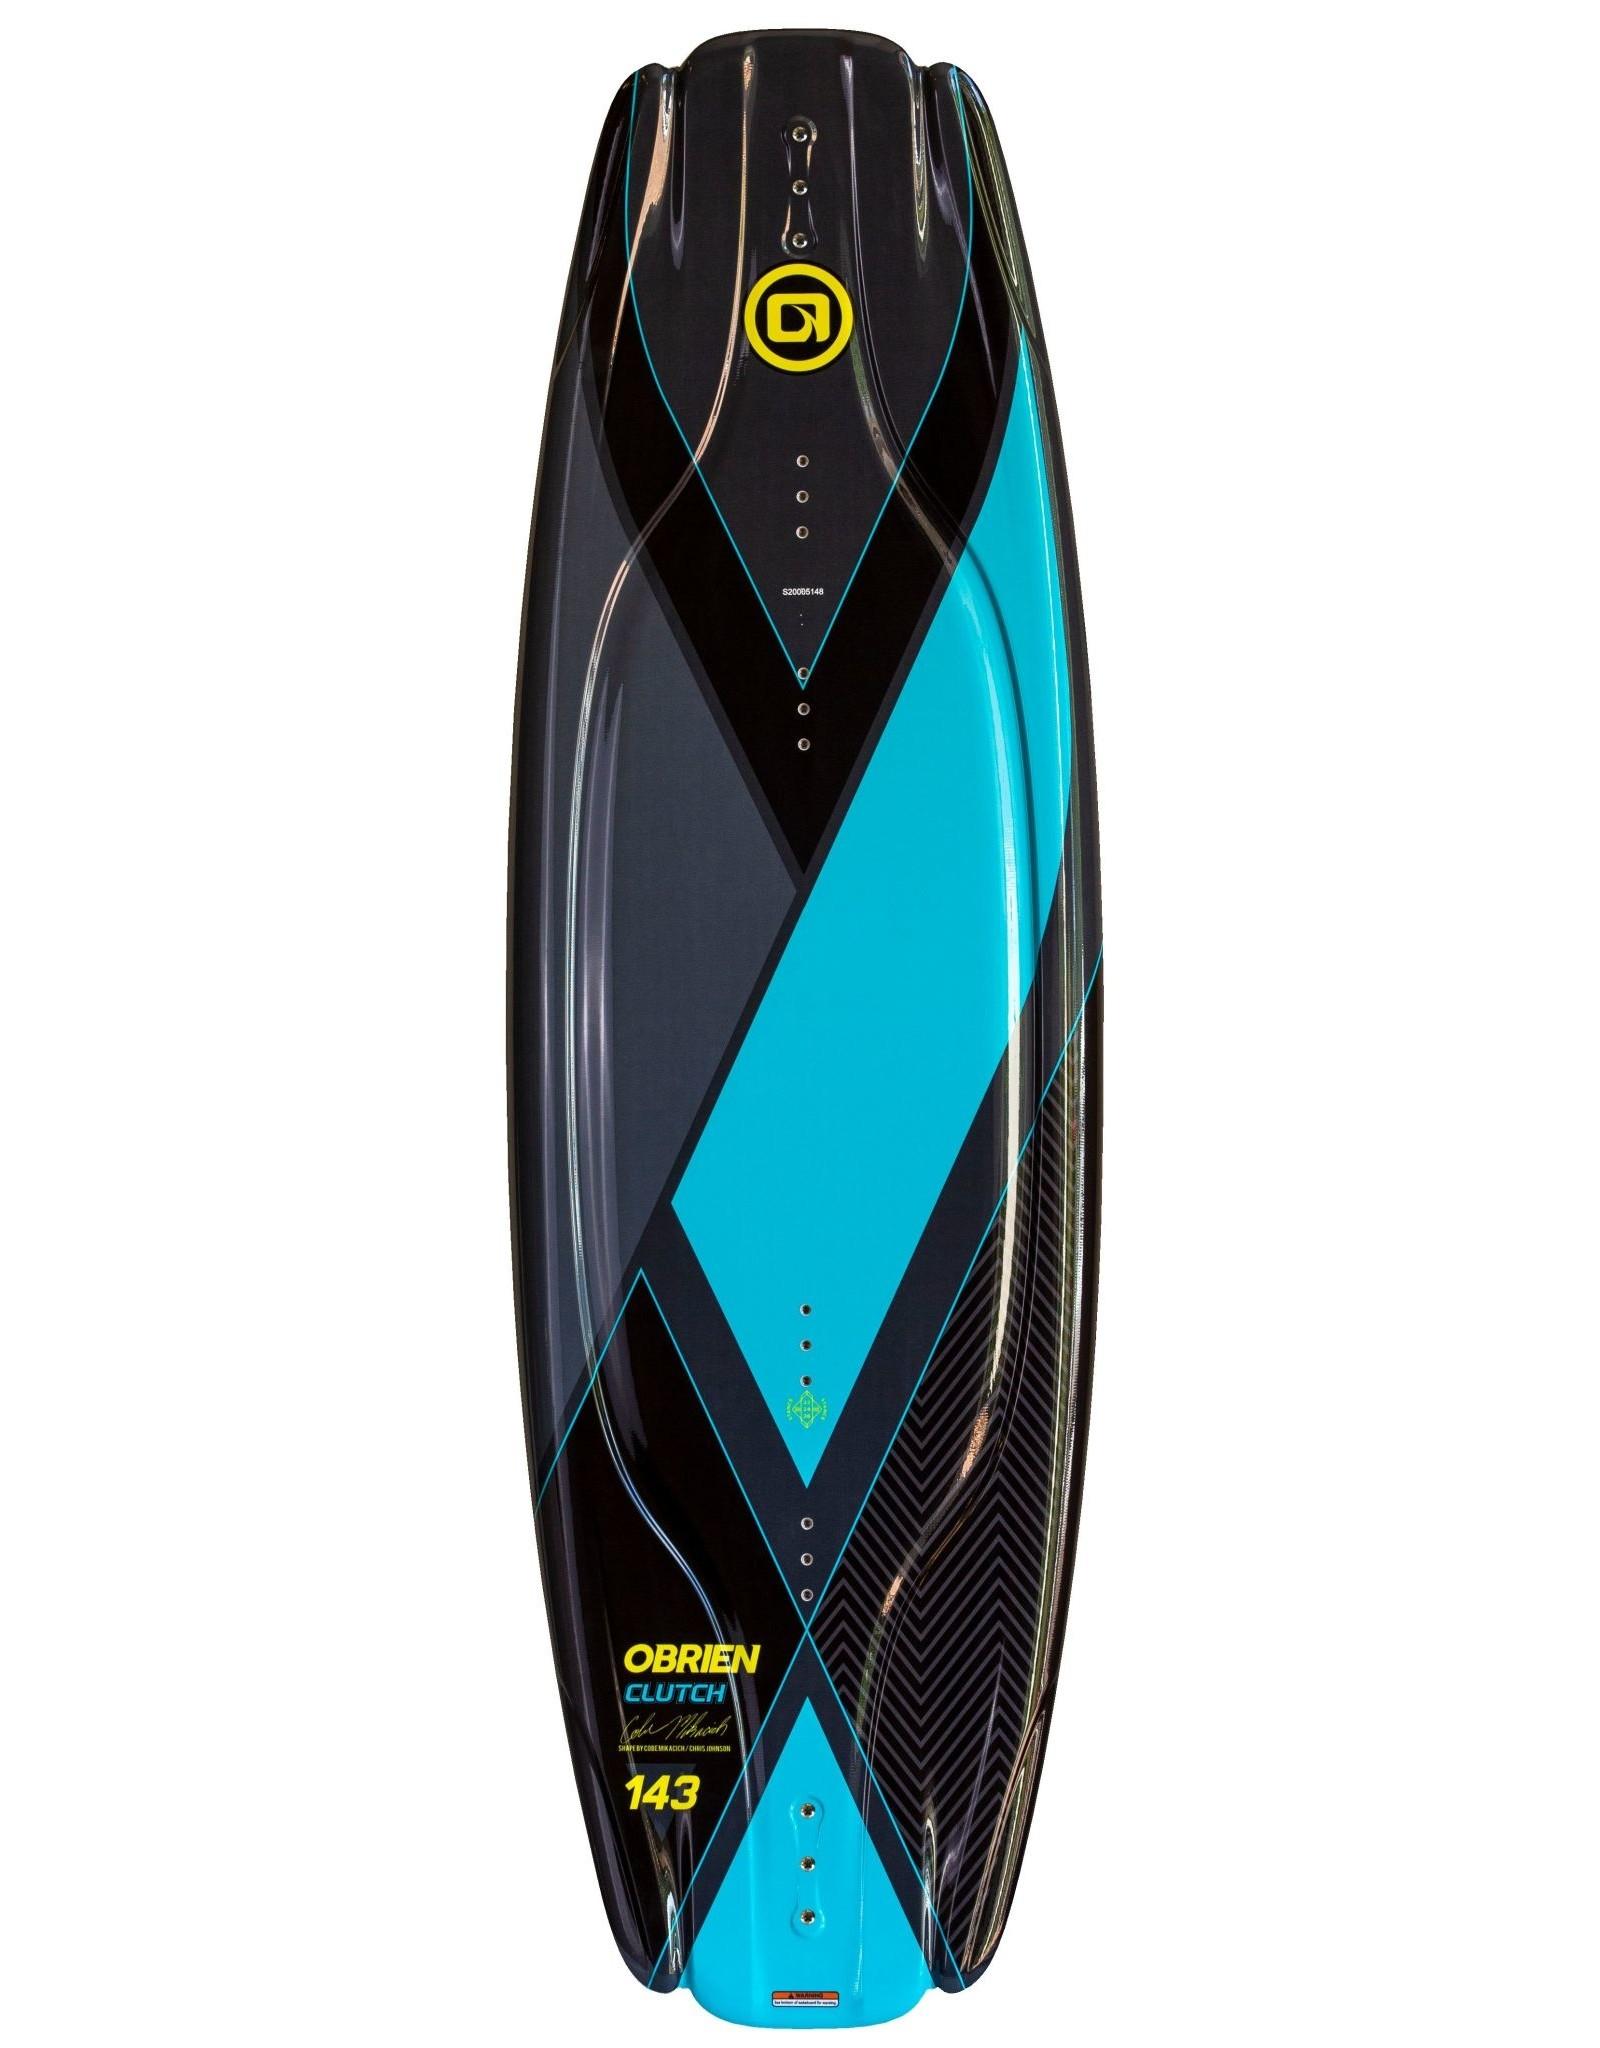 O'Brien 2021 Clutch Wakeboard